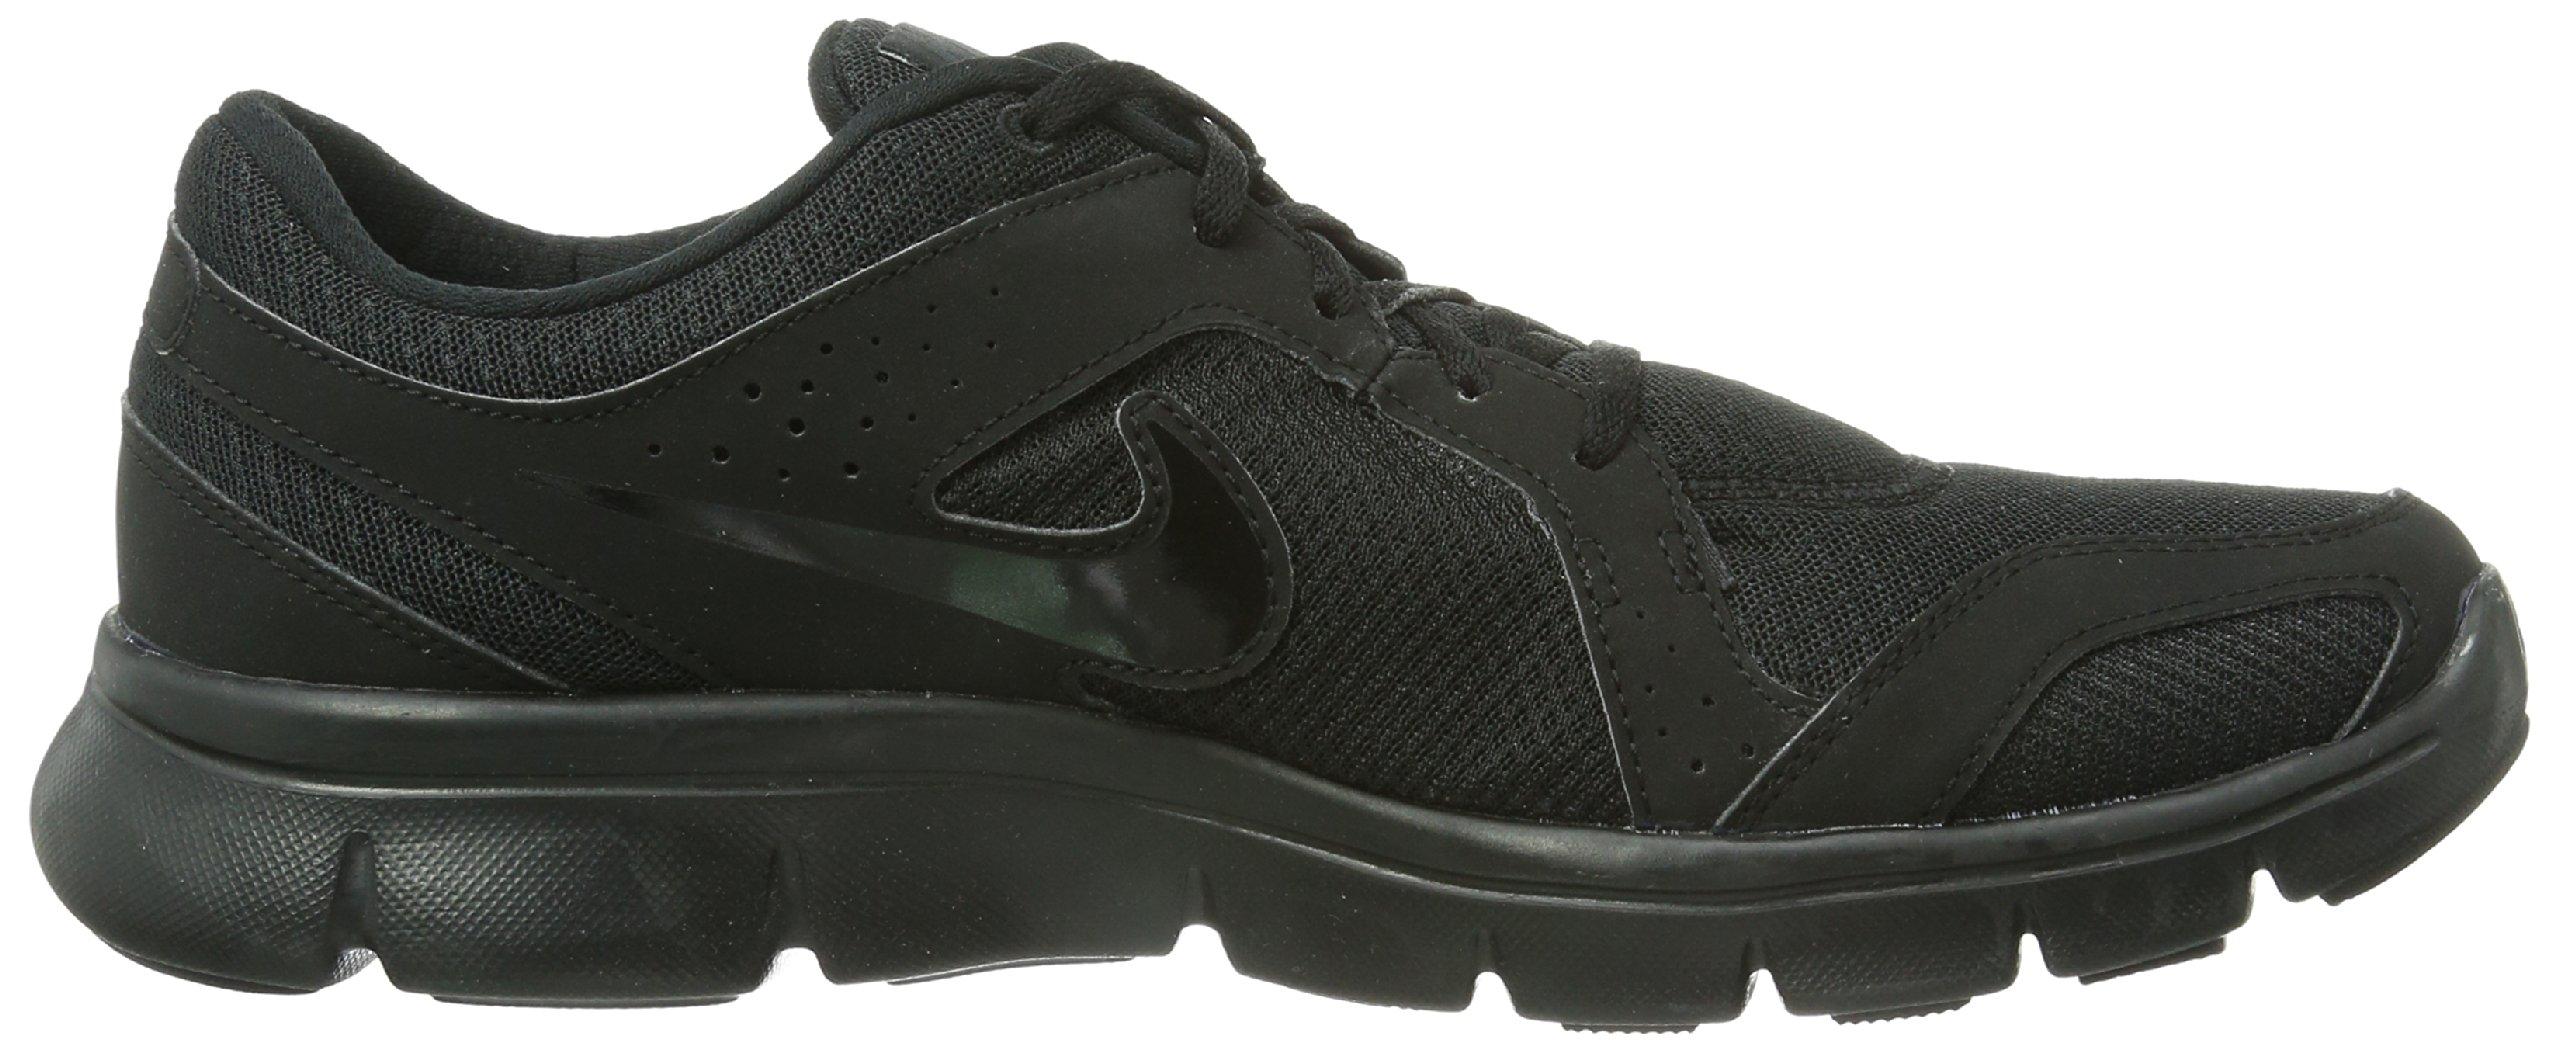 81DosVgBuxL - Nike Women's sneakers